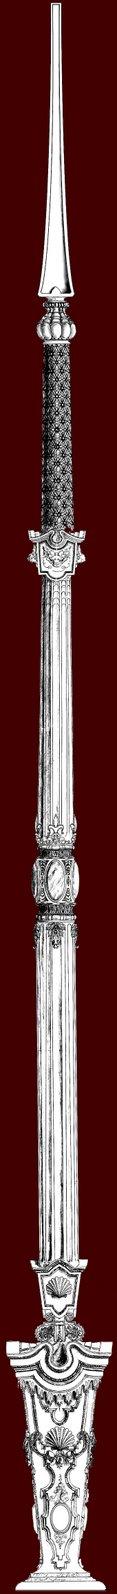 Proyecto del varal para el Palio de la Virgen de la Amargura